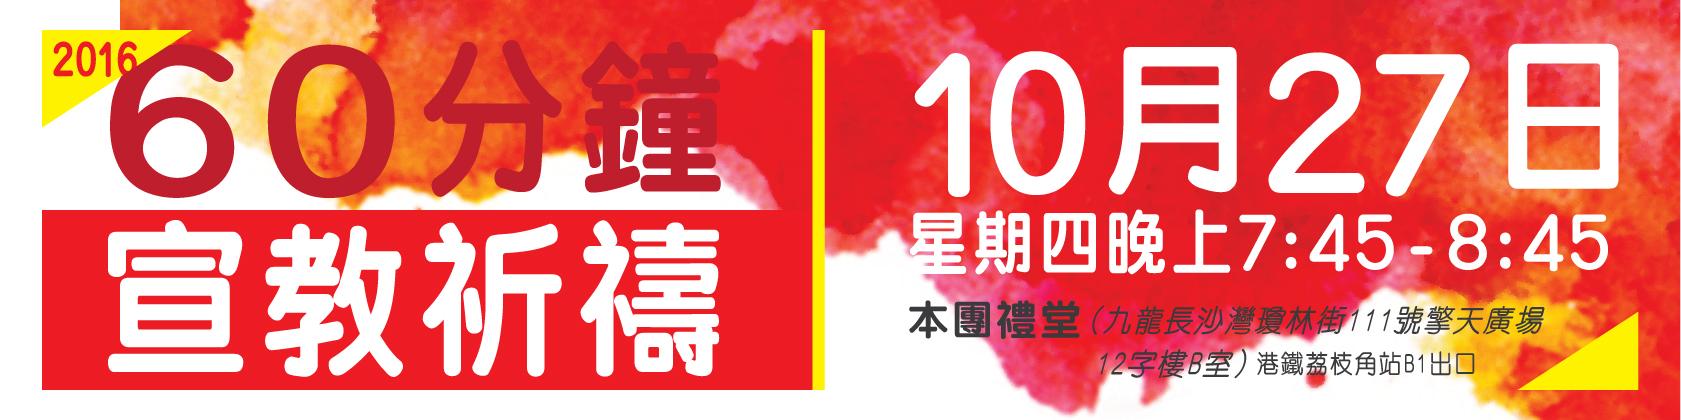 2016祈禱會-v2-web-banner-1680-x-420-10